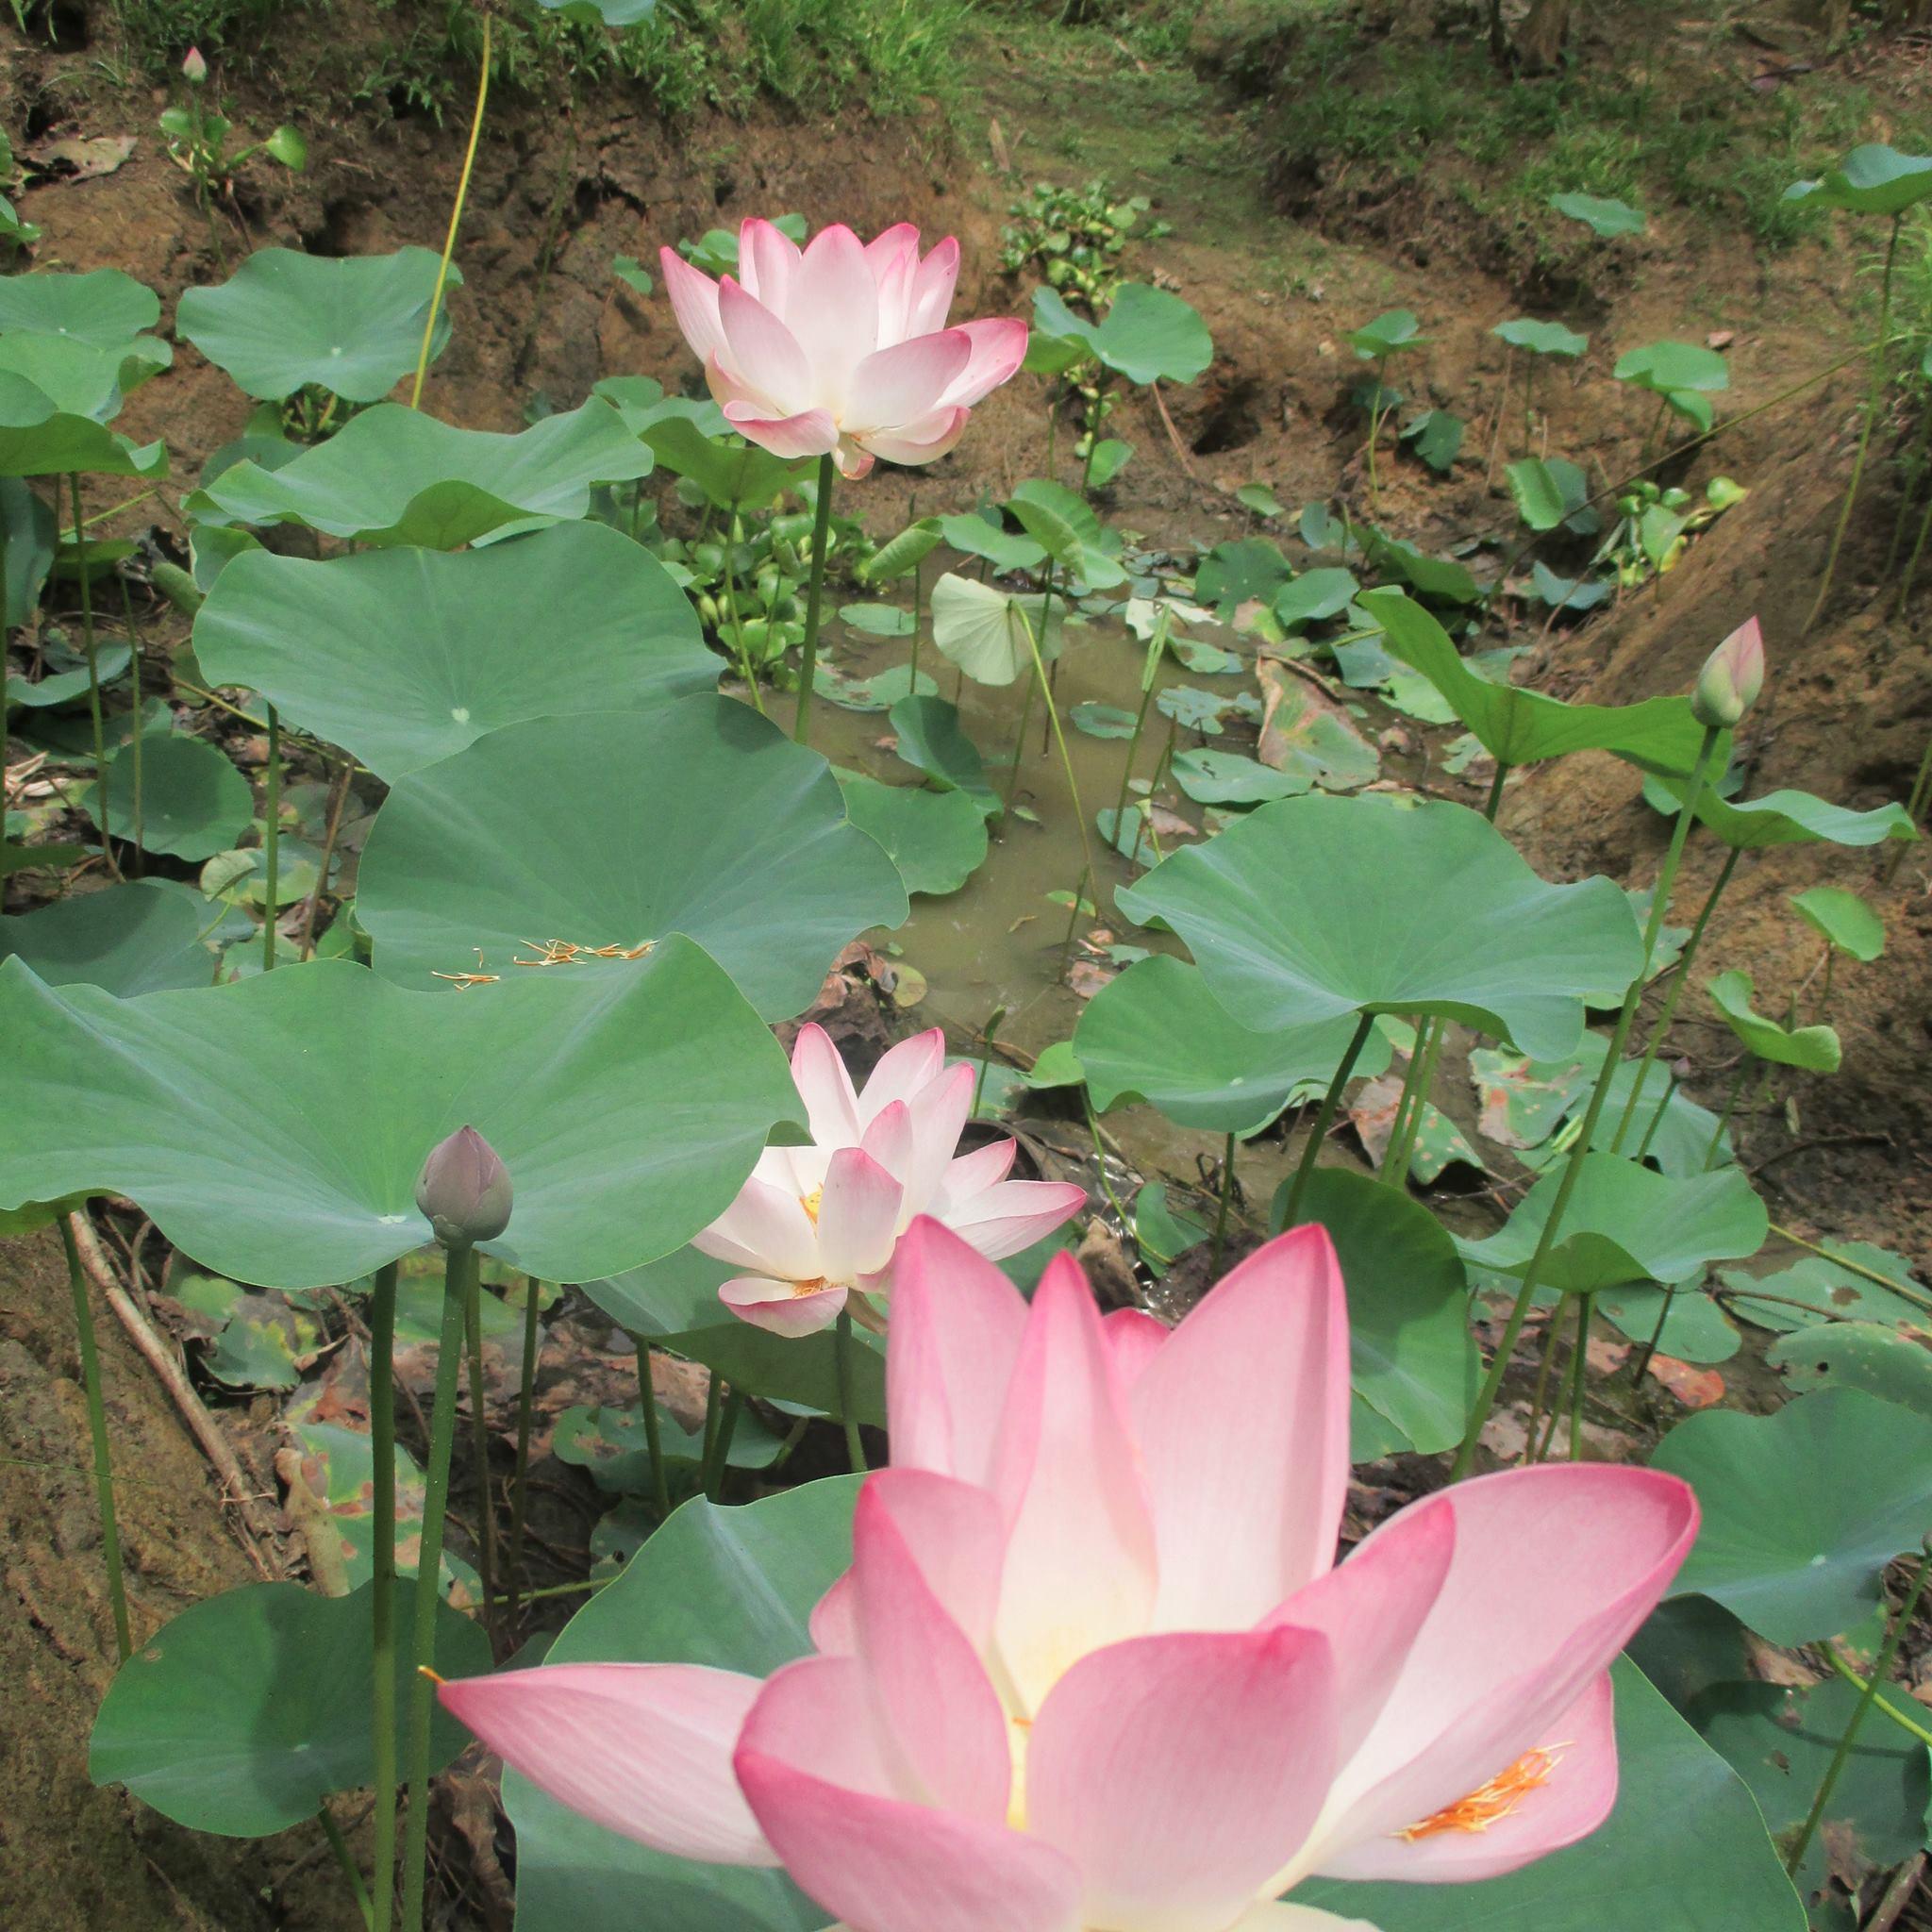 punta-mona-lotus.jpg